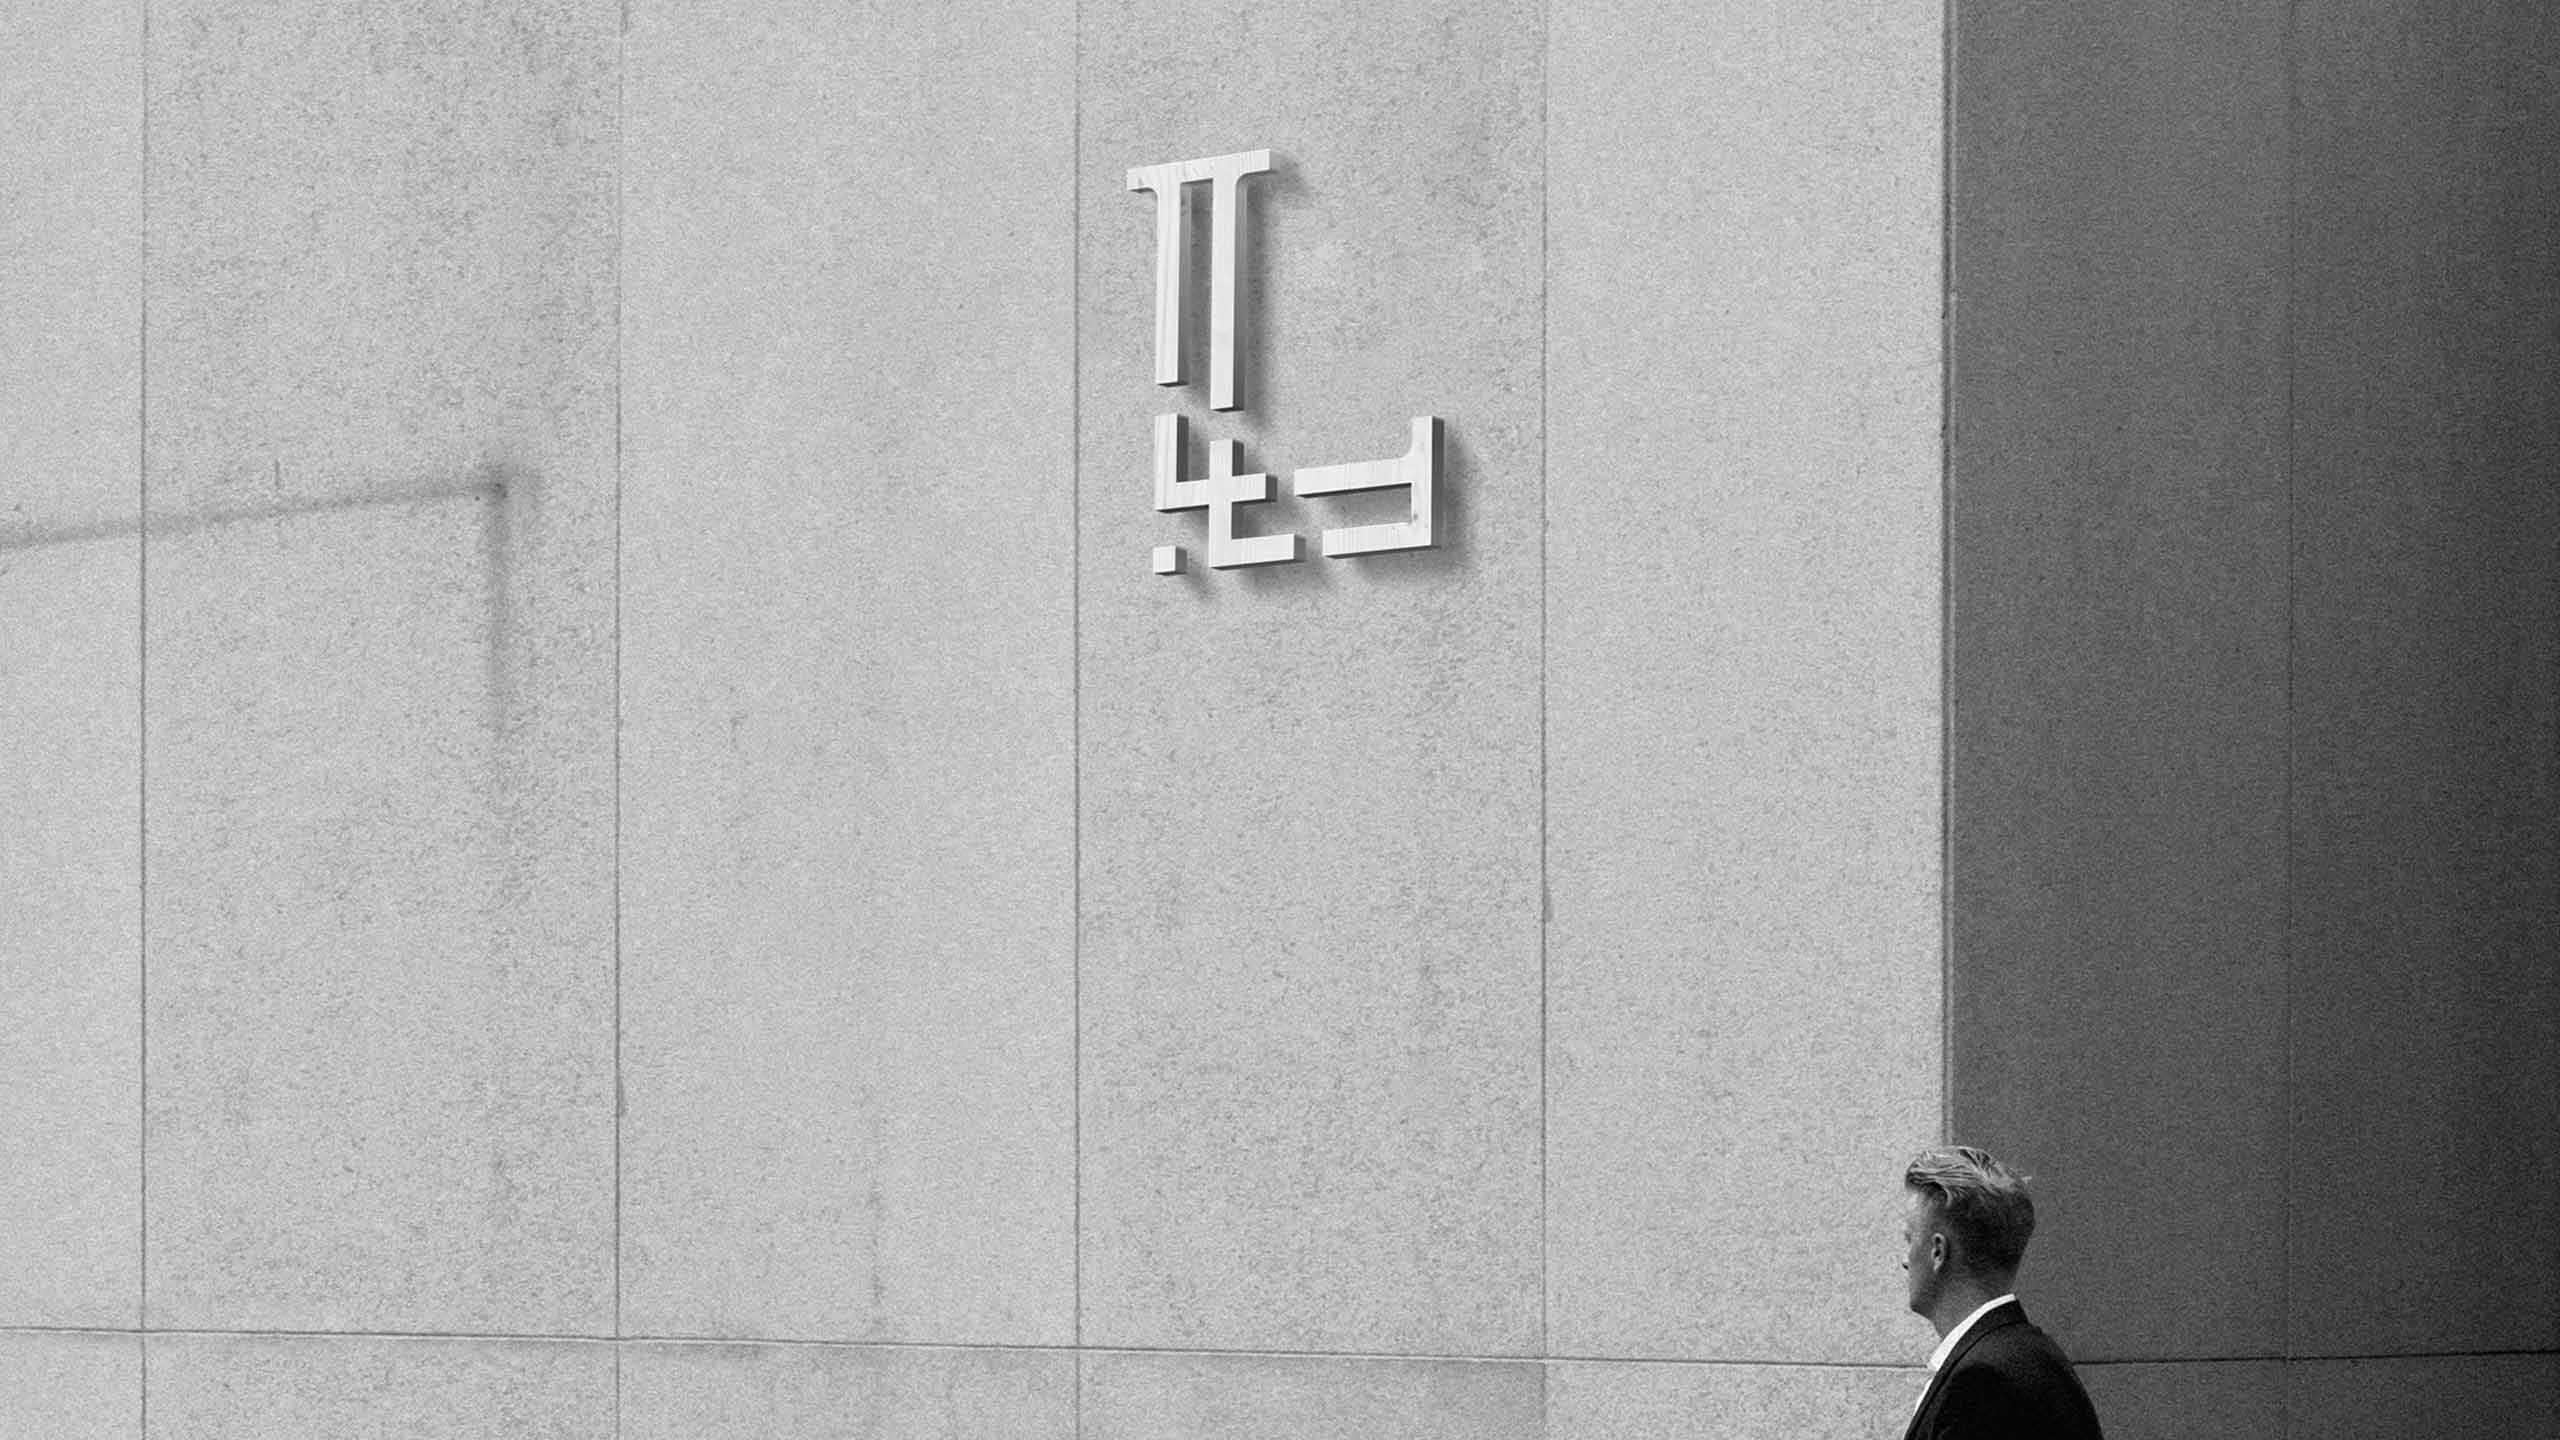 Lise Wilhelmsen Art Award logo sign